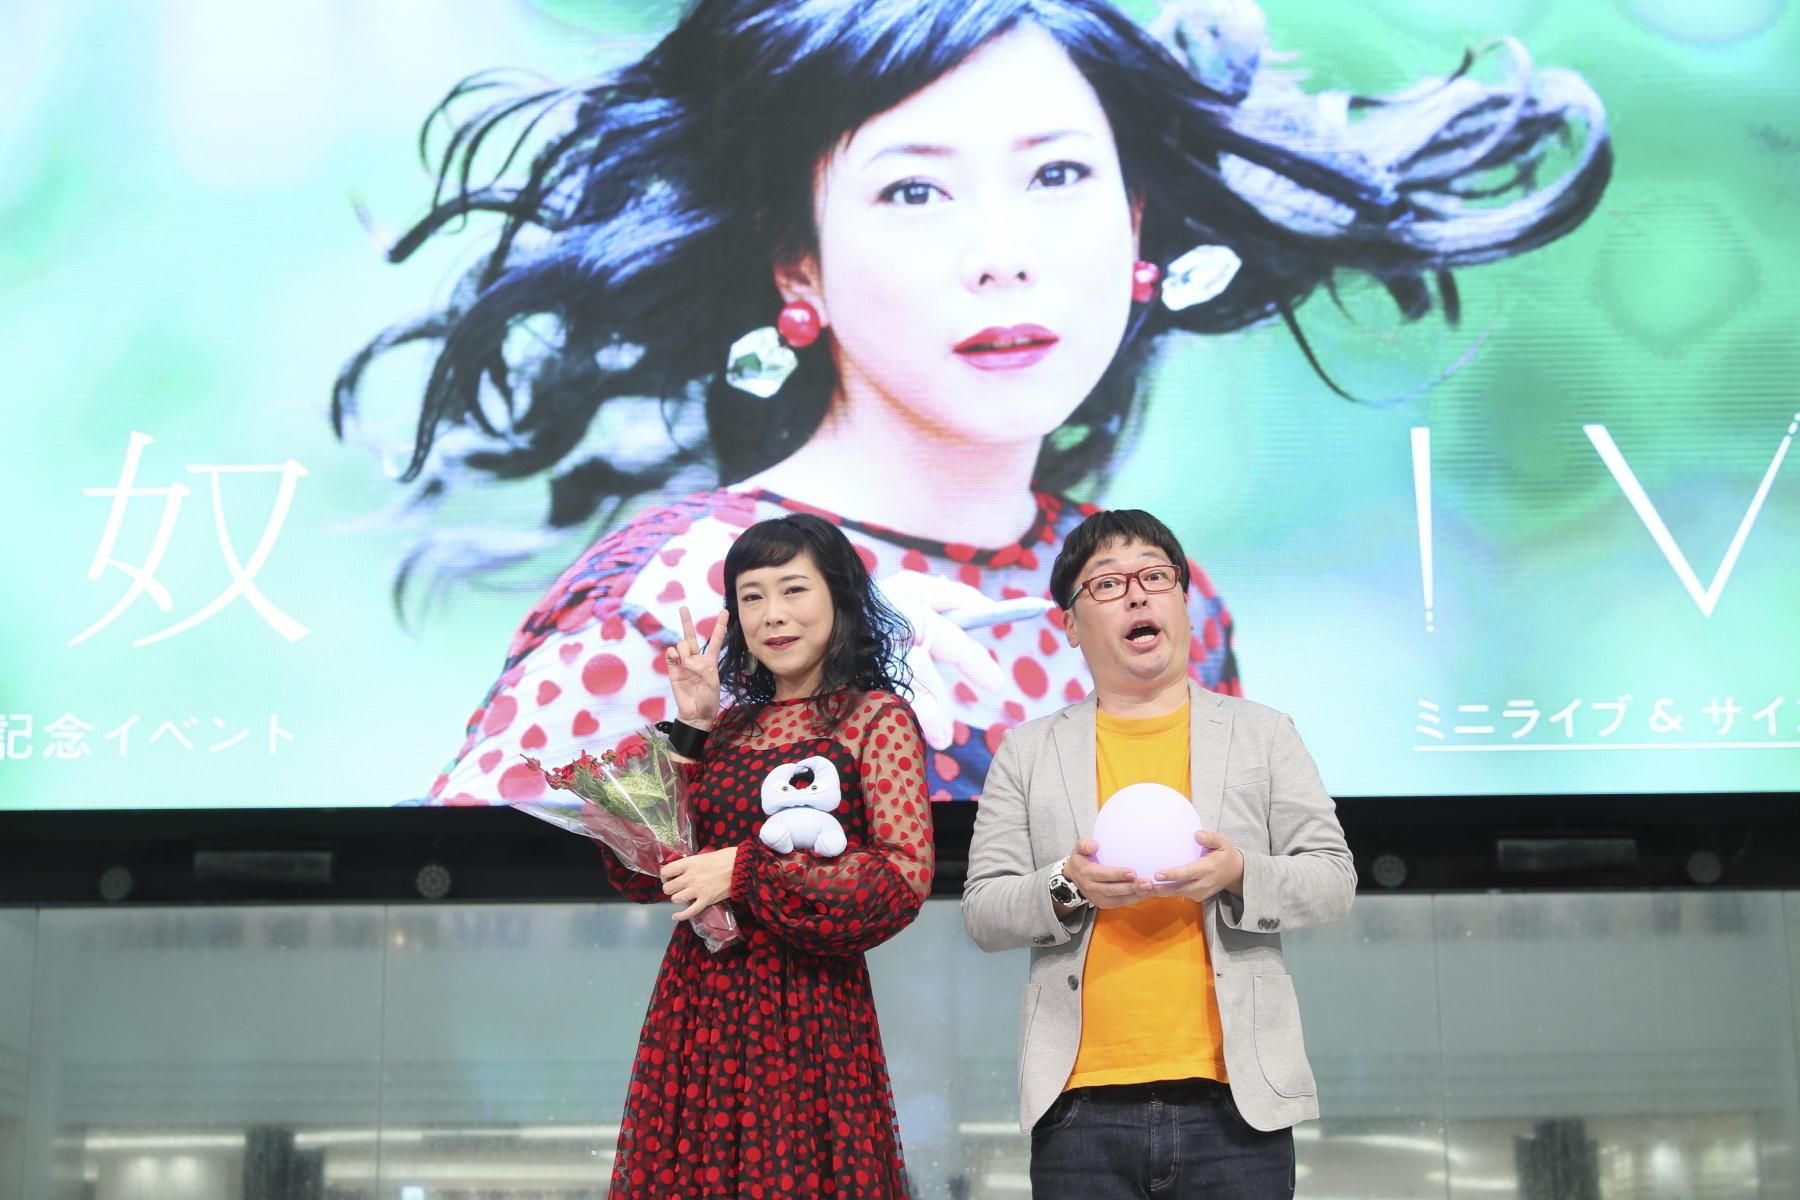 http://news.yoshimoto.co.jp/20180913003551-4da6b2fd96a1058c8d5f2a8b8fdafd713f61ce60.jpg